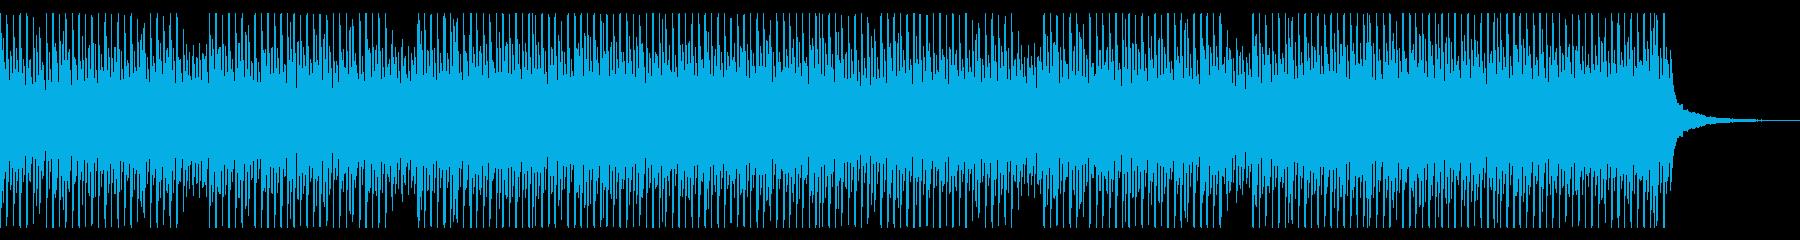 シンバル無し 再会 Pf ストリングスの再生済みの波形